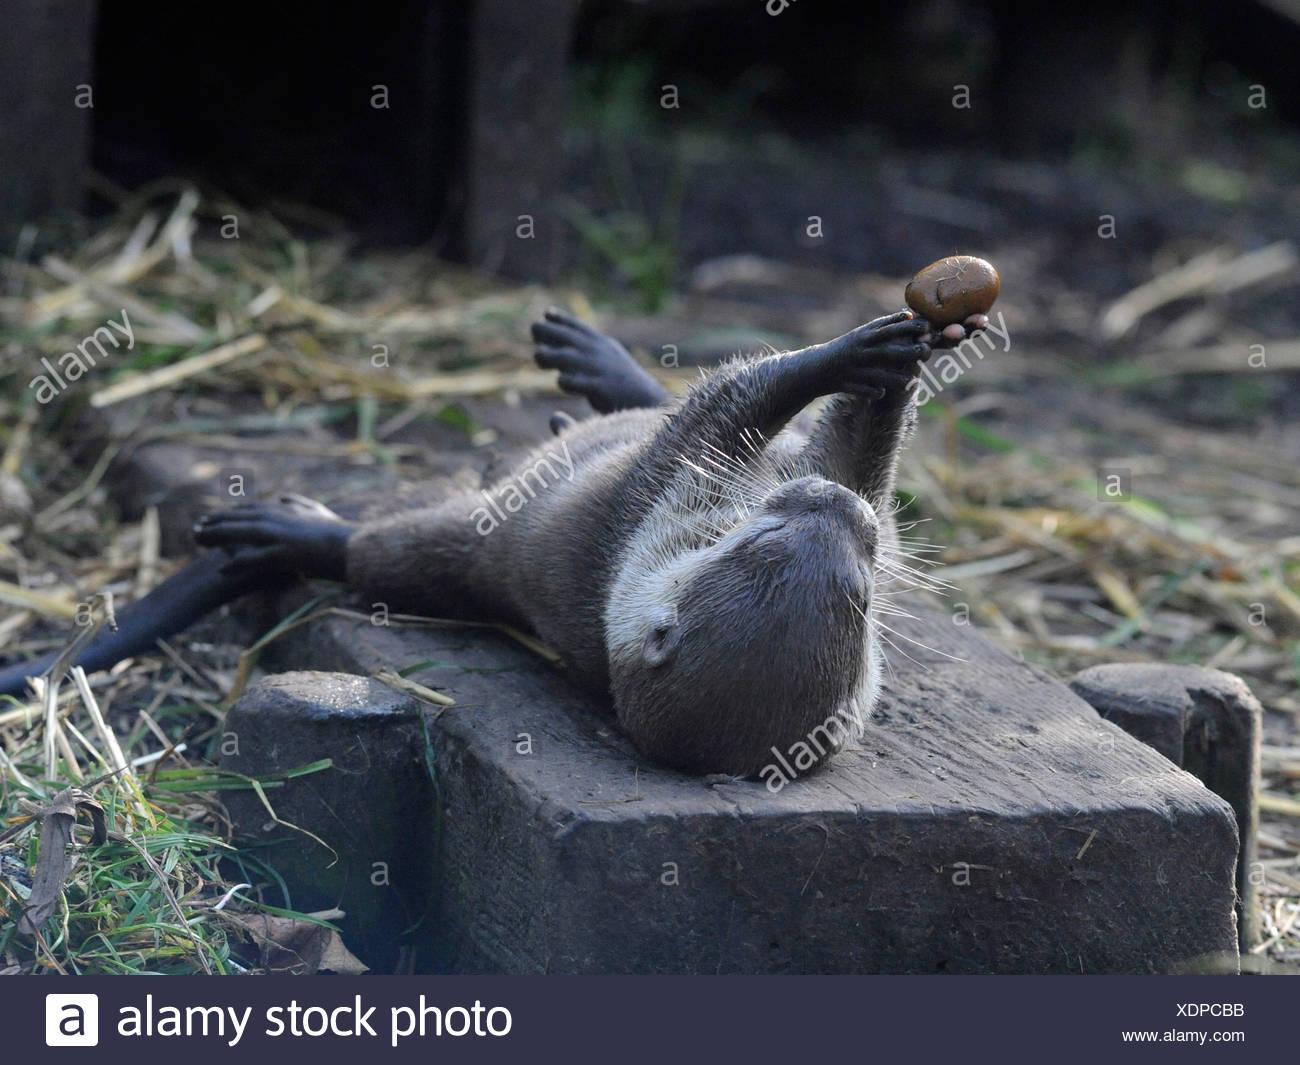 Eine junge juvenile asiatischen kurze krallenbewehrten Otter mit einem Kieselstein zu spielen. Stockbild